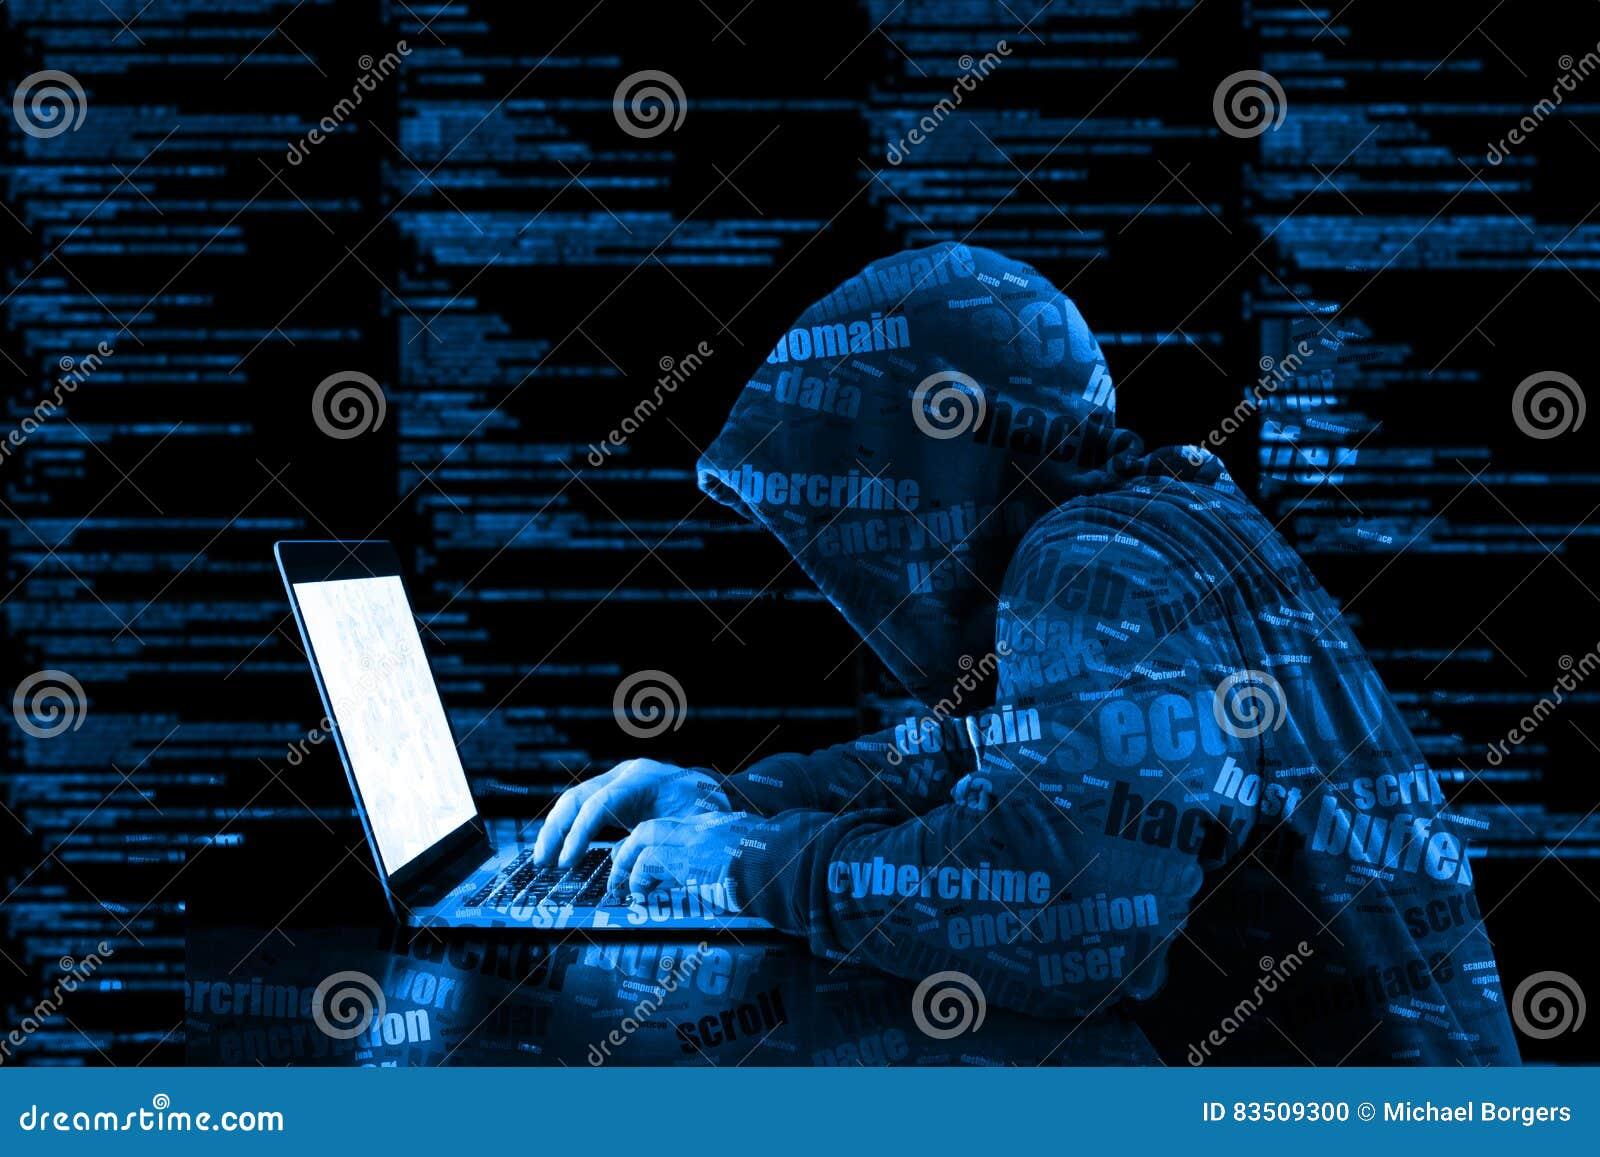 Securi azul de la información del código de ordenador del cybersecurity del pirata informático de la sudadera con capucha